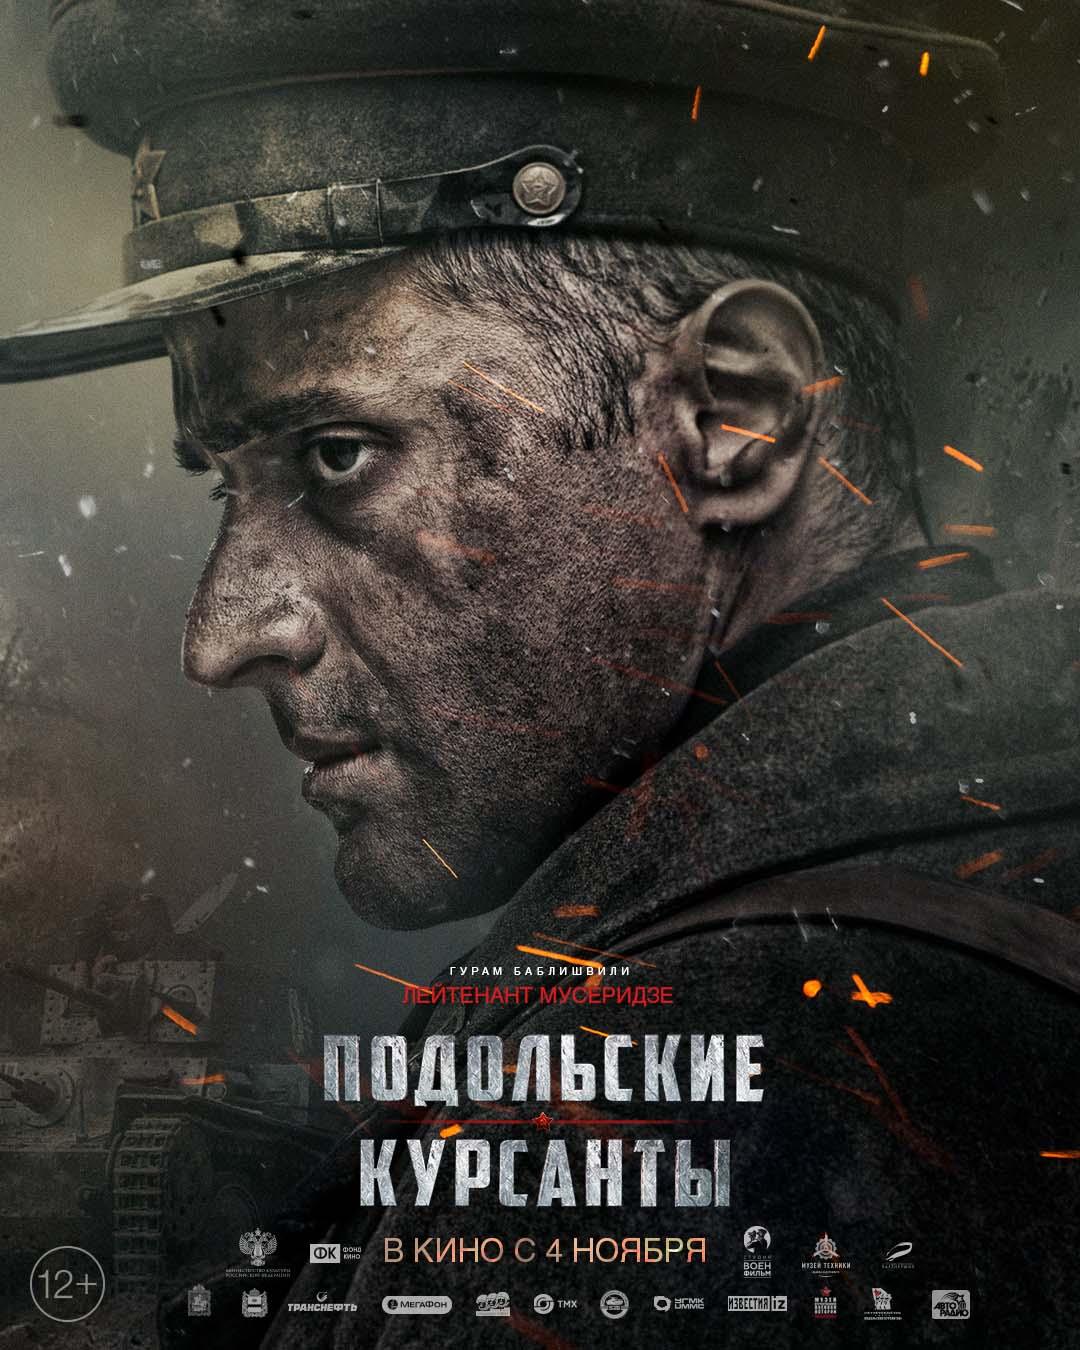 Подольские курсанты 2020 Персонажный постер 5